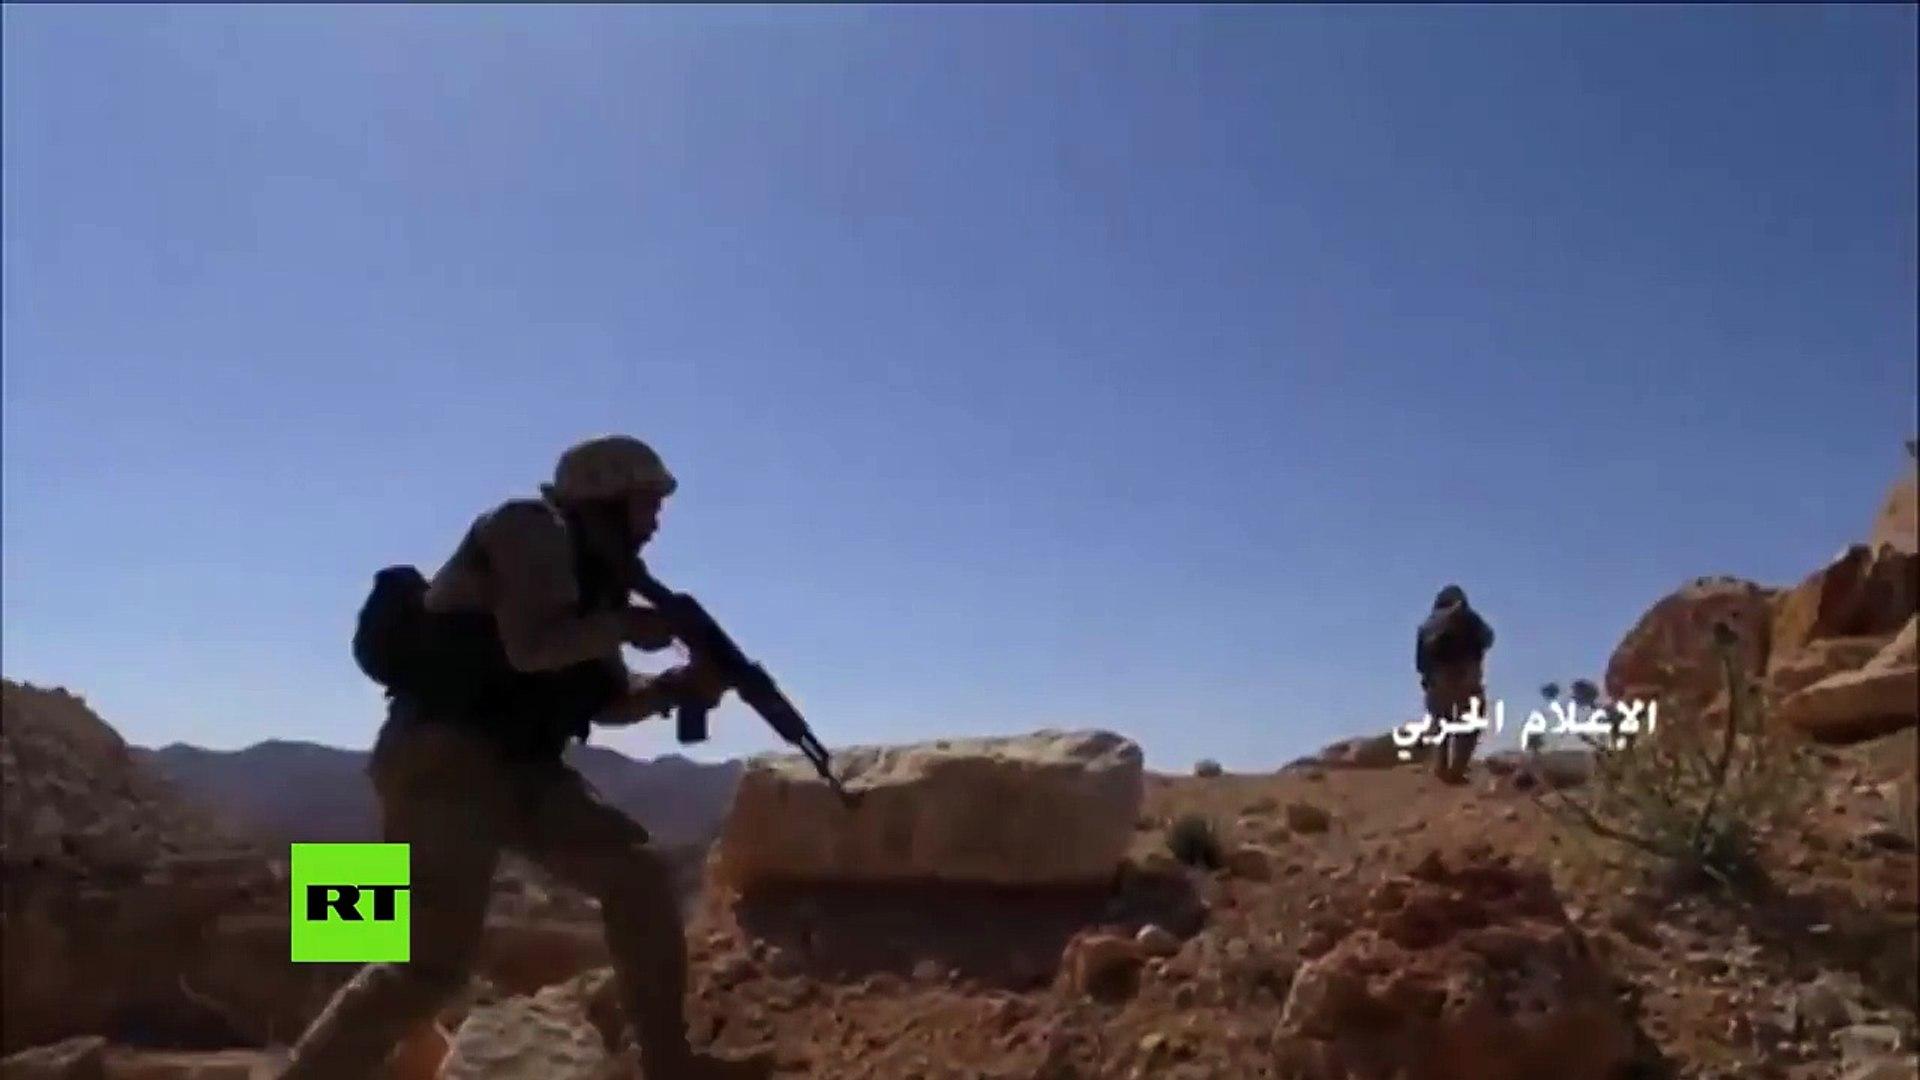 Soldados de Hezbolá combaten en la frontera de Siria y Líbano